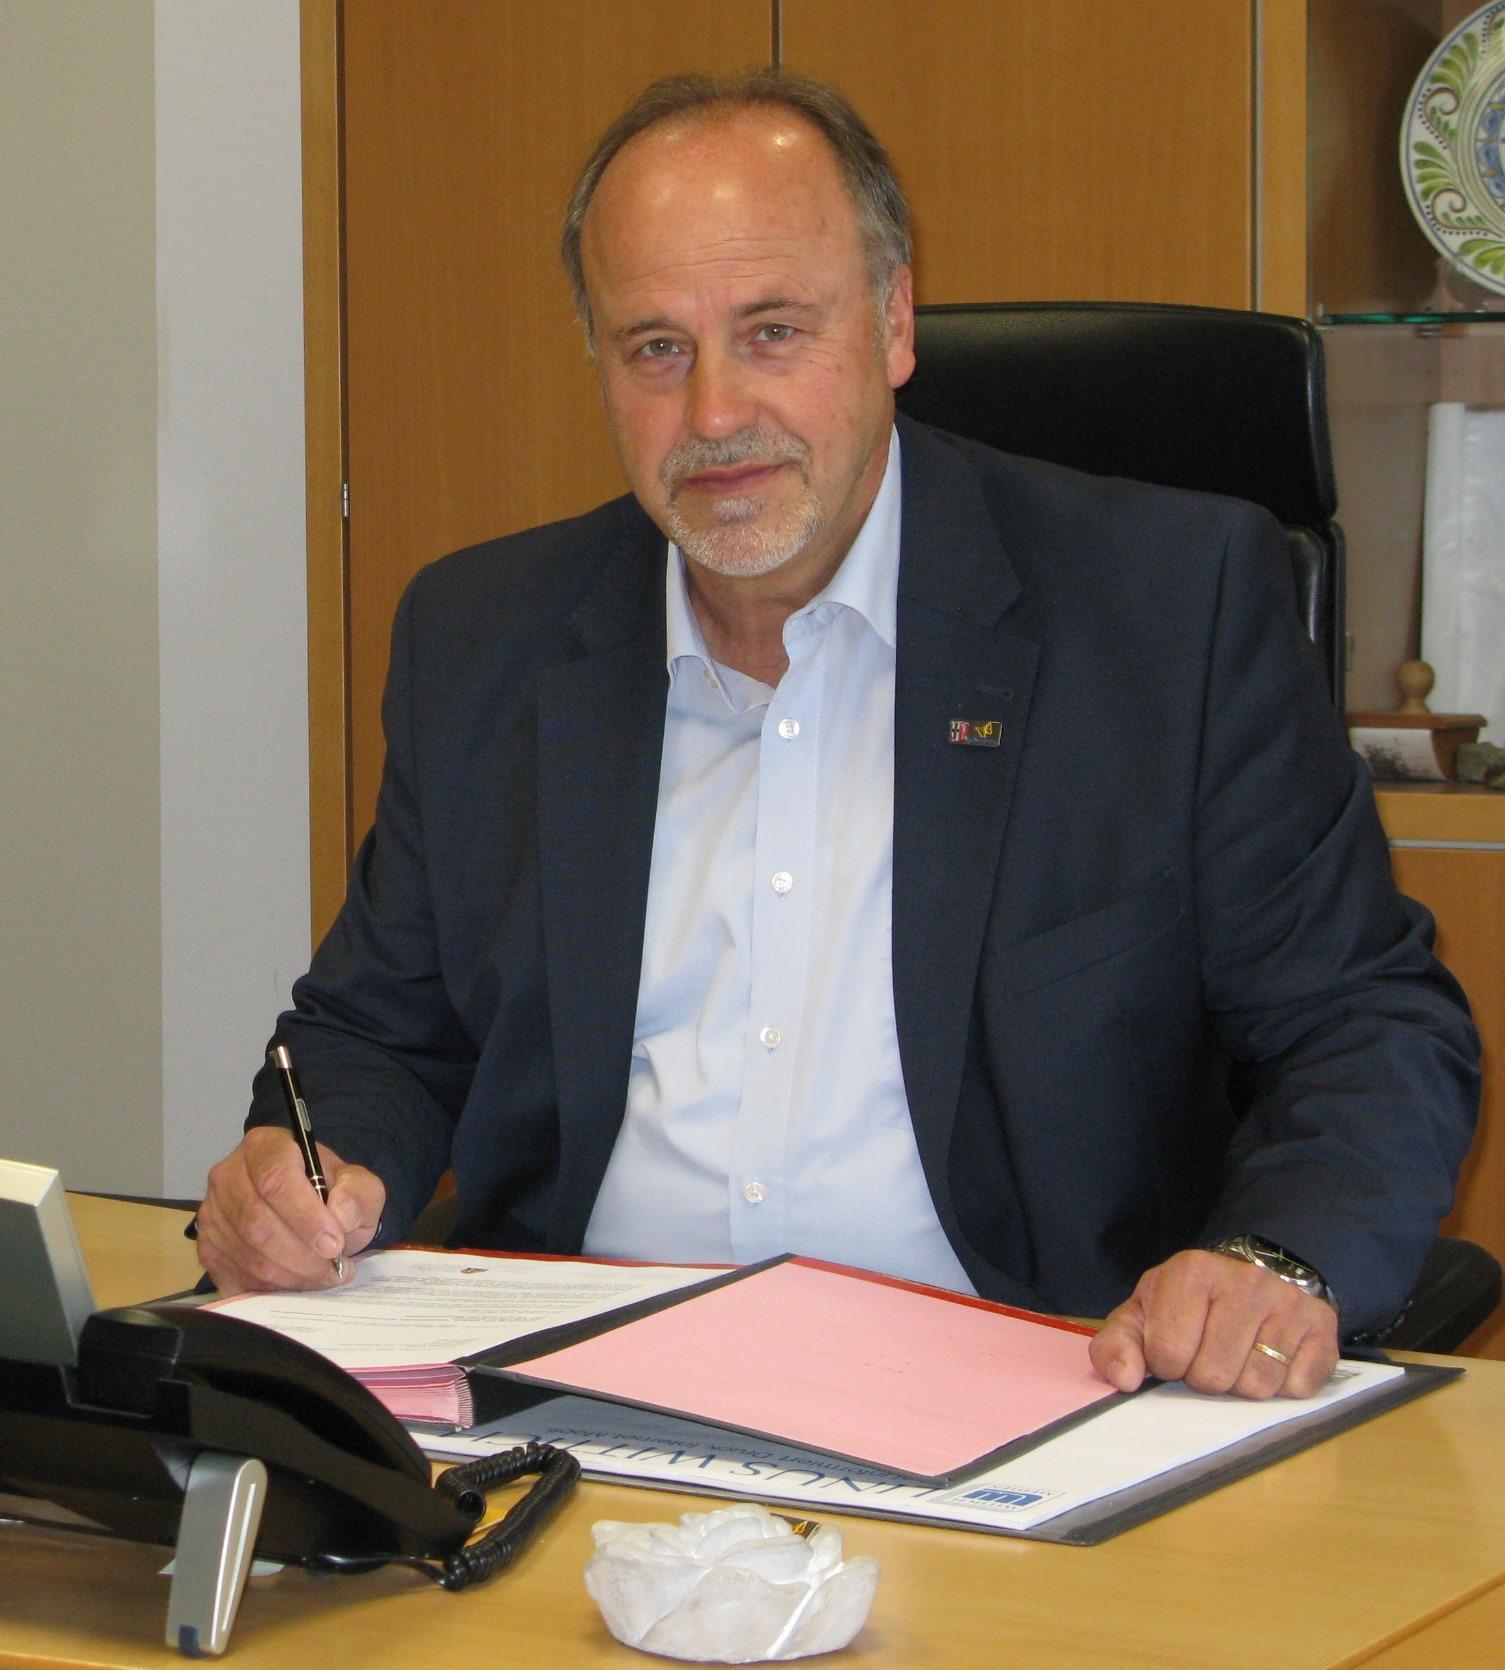 Bürgermeister Werner Dietrich